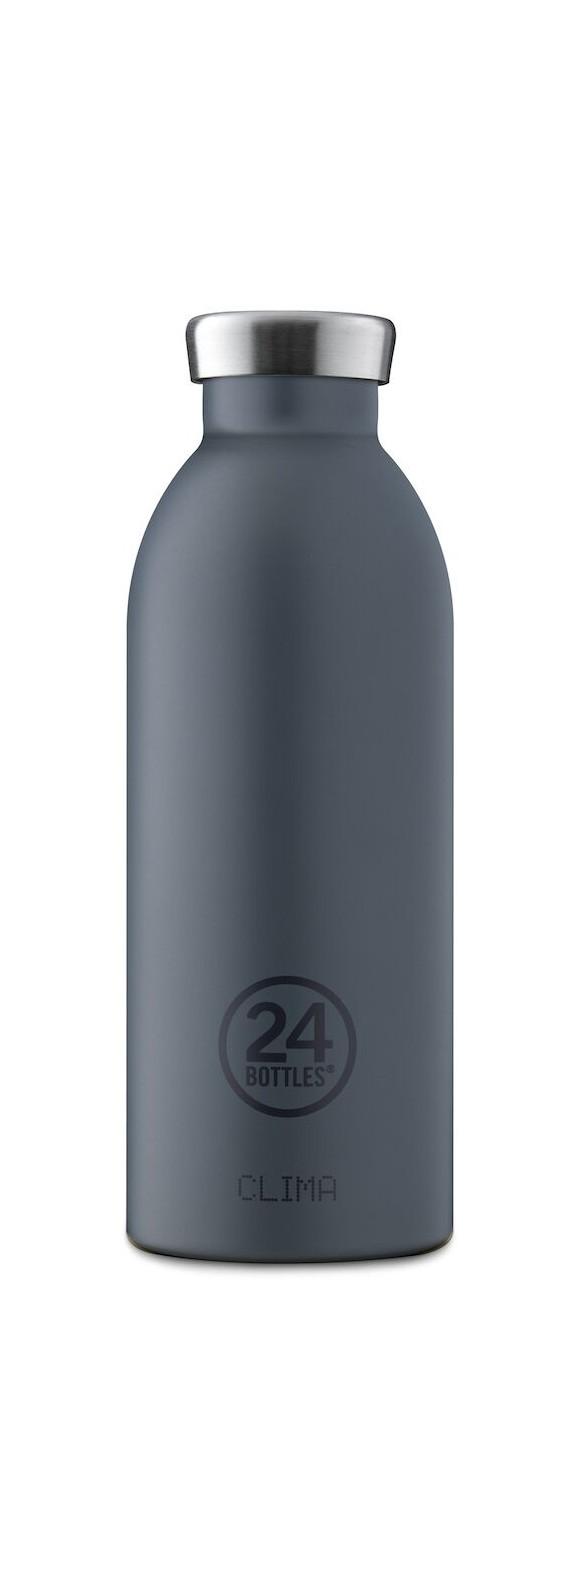 24 Bottles - Clime Bottle 0,5 L - Formal Grå